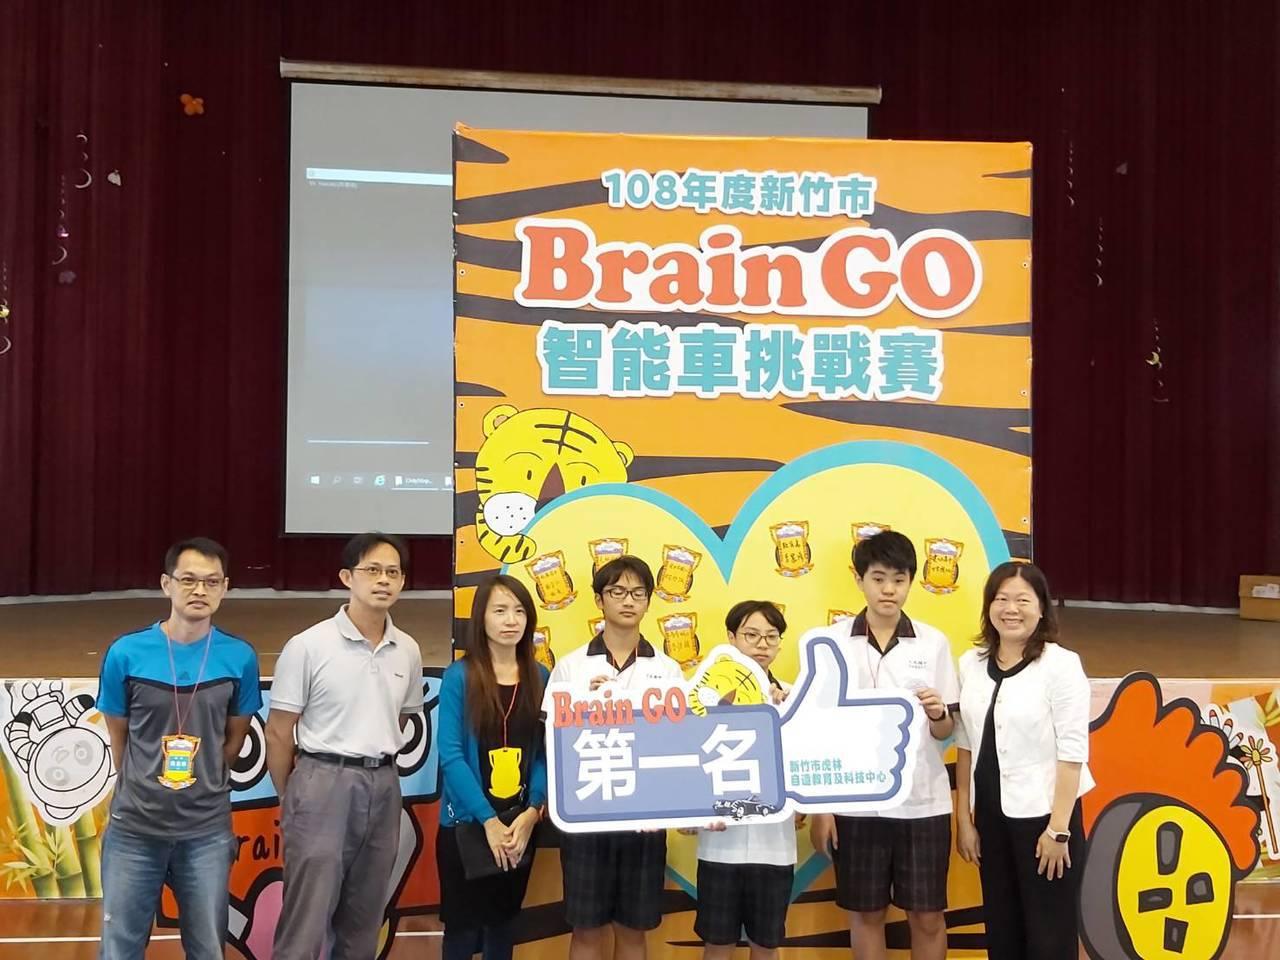 三民國中奪得代表新竹市參加全國賽的機會。圖/教育處提供